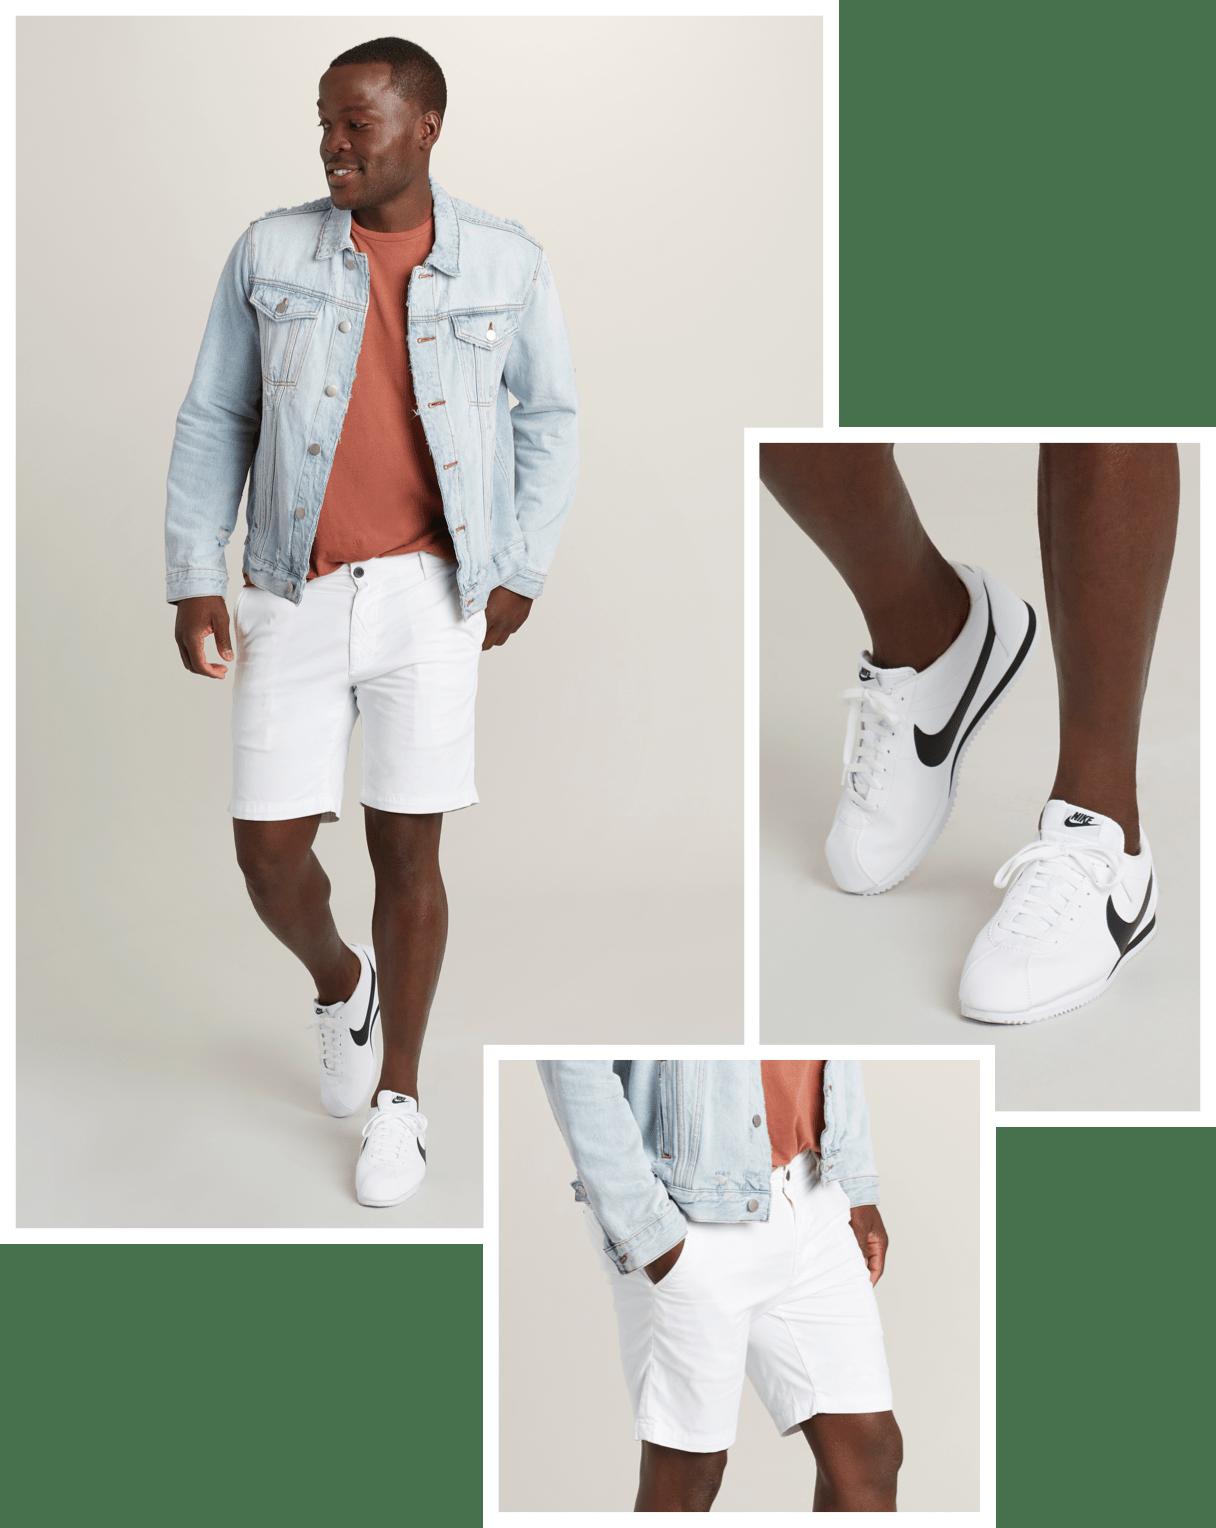 cc5059731f99b 1 Piece, 5 Ways: White Shorts | Trunk Club